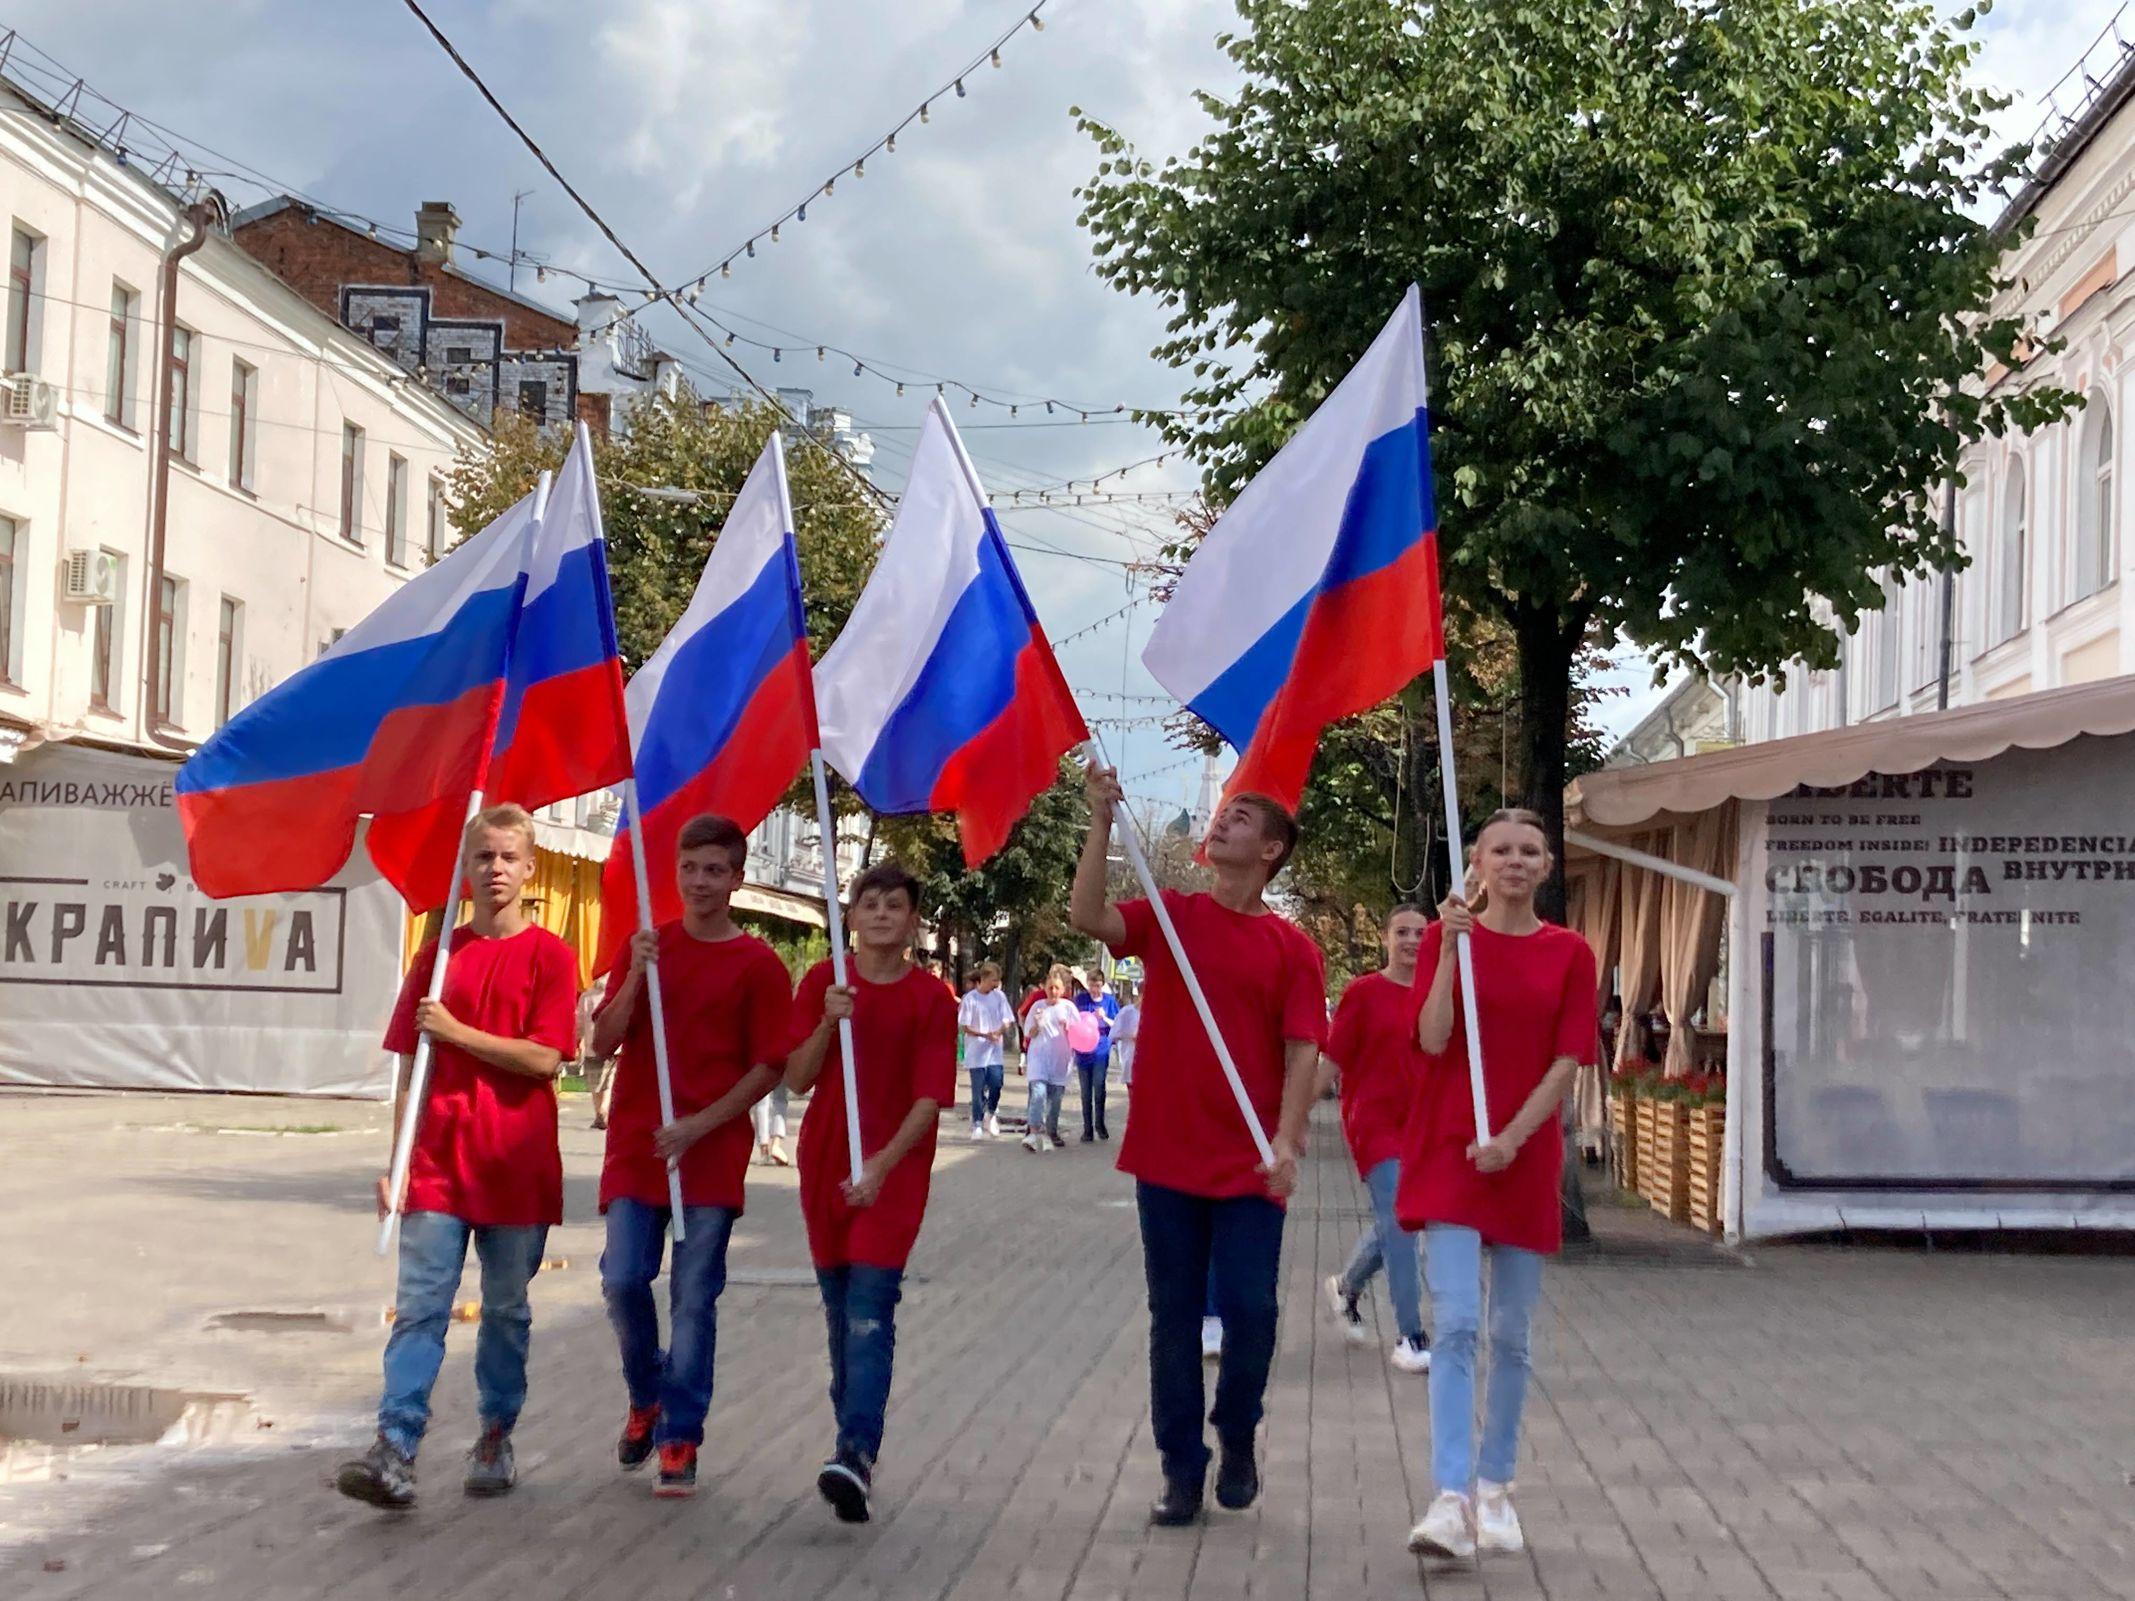 В сердце столицы Золотого кольца прошли акции, посвящённые Дню Государственного флага РФ